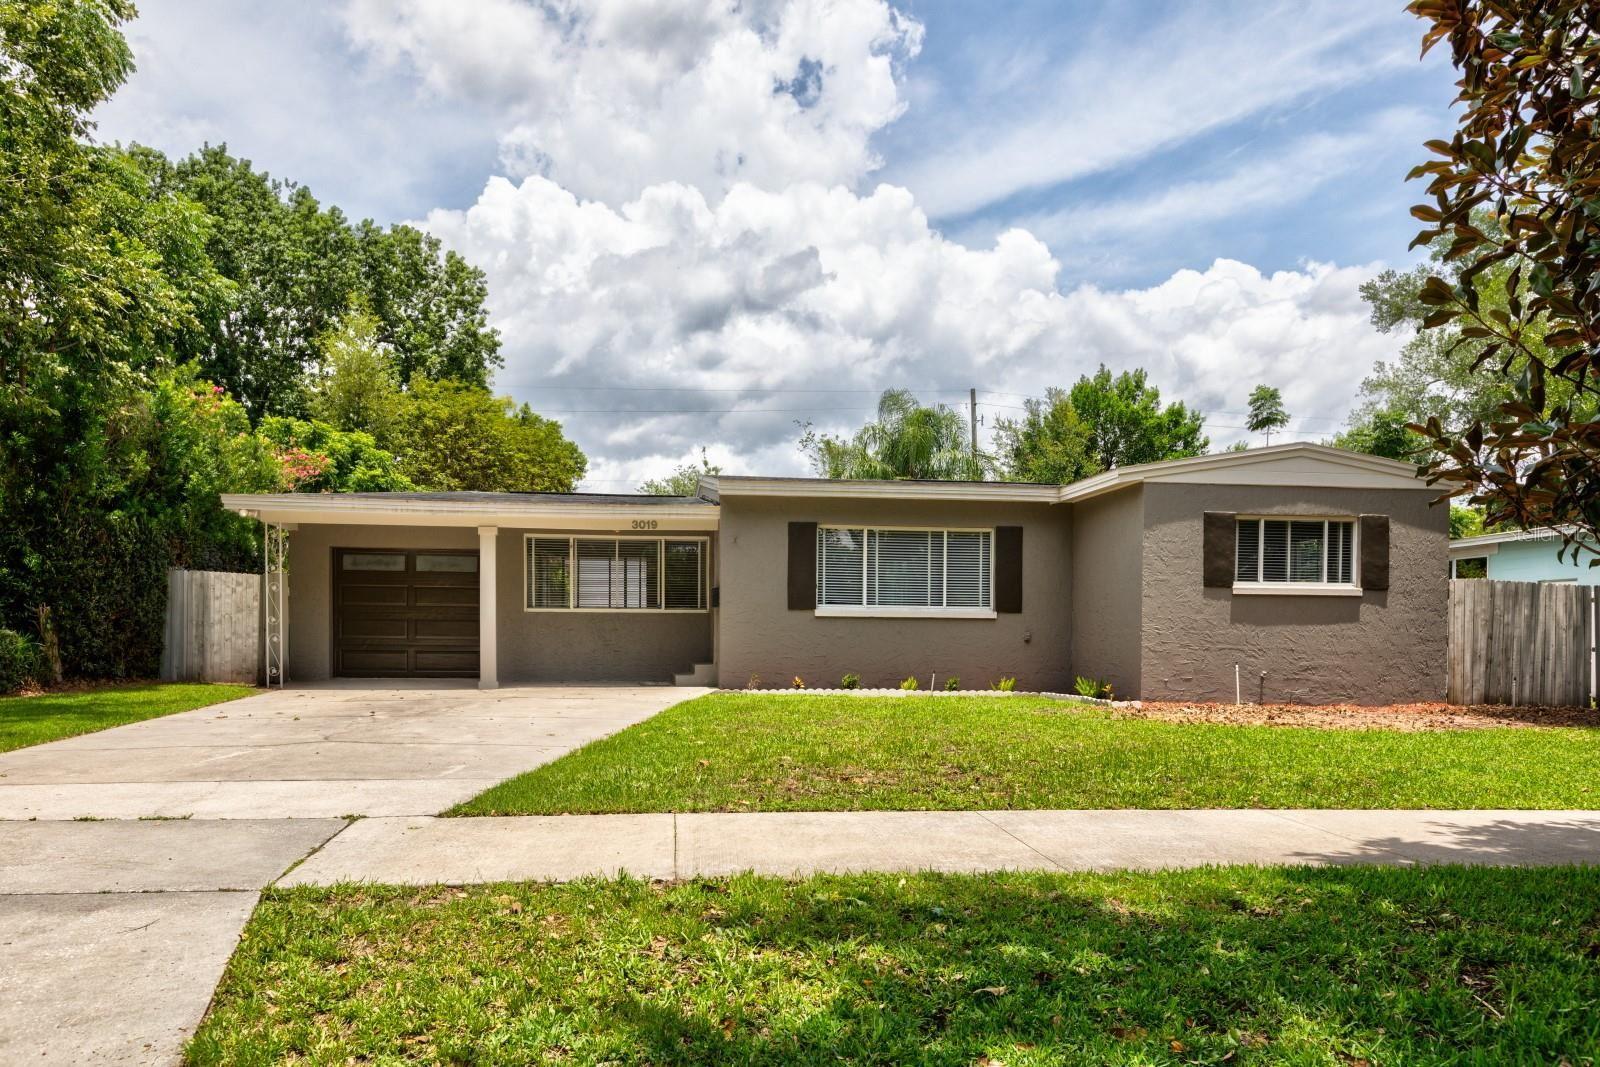 3019 WESSEX STREET, Orlando, FL 32803 - MLS#: O5955289